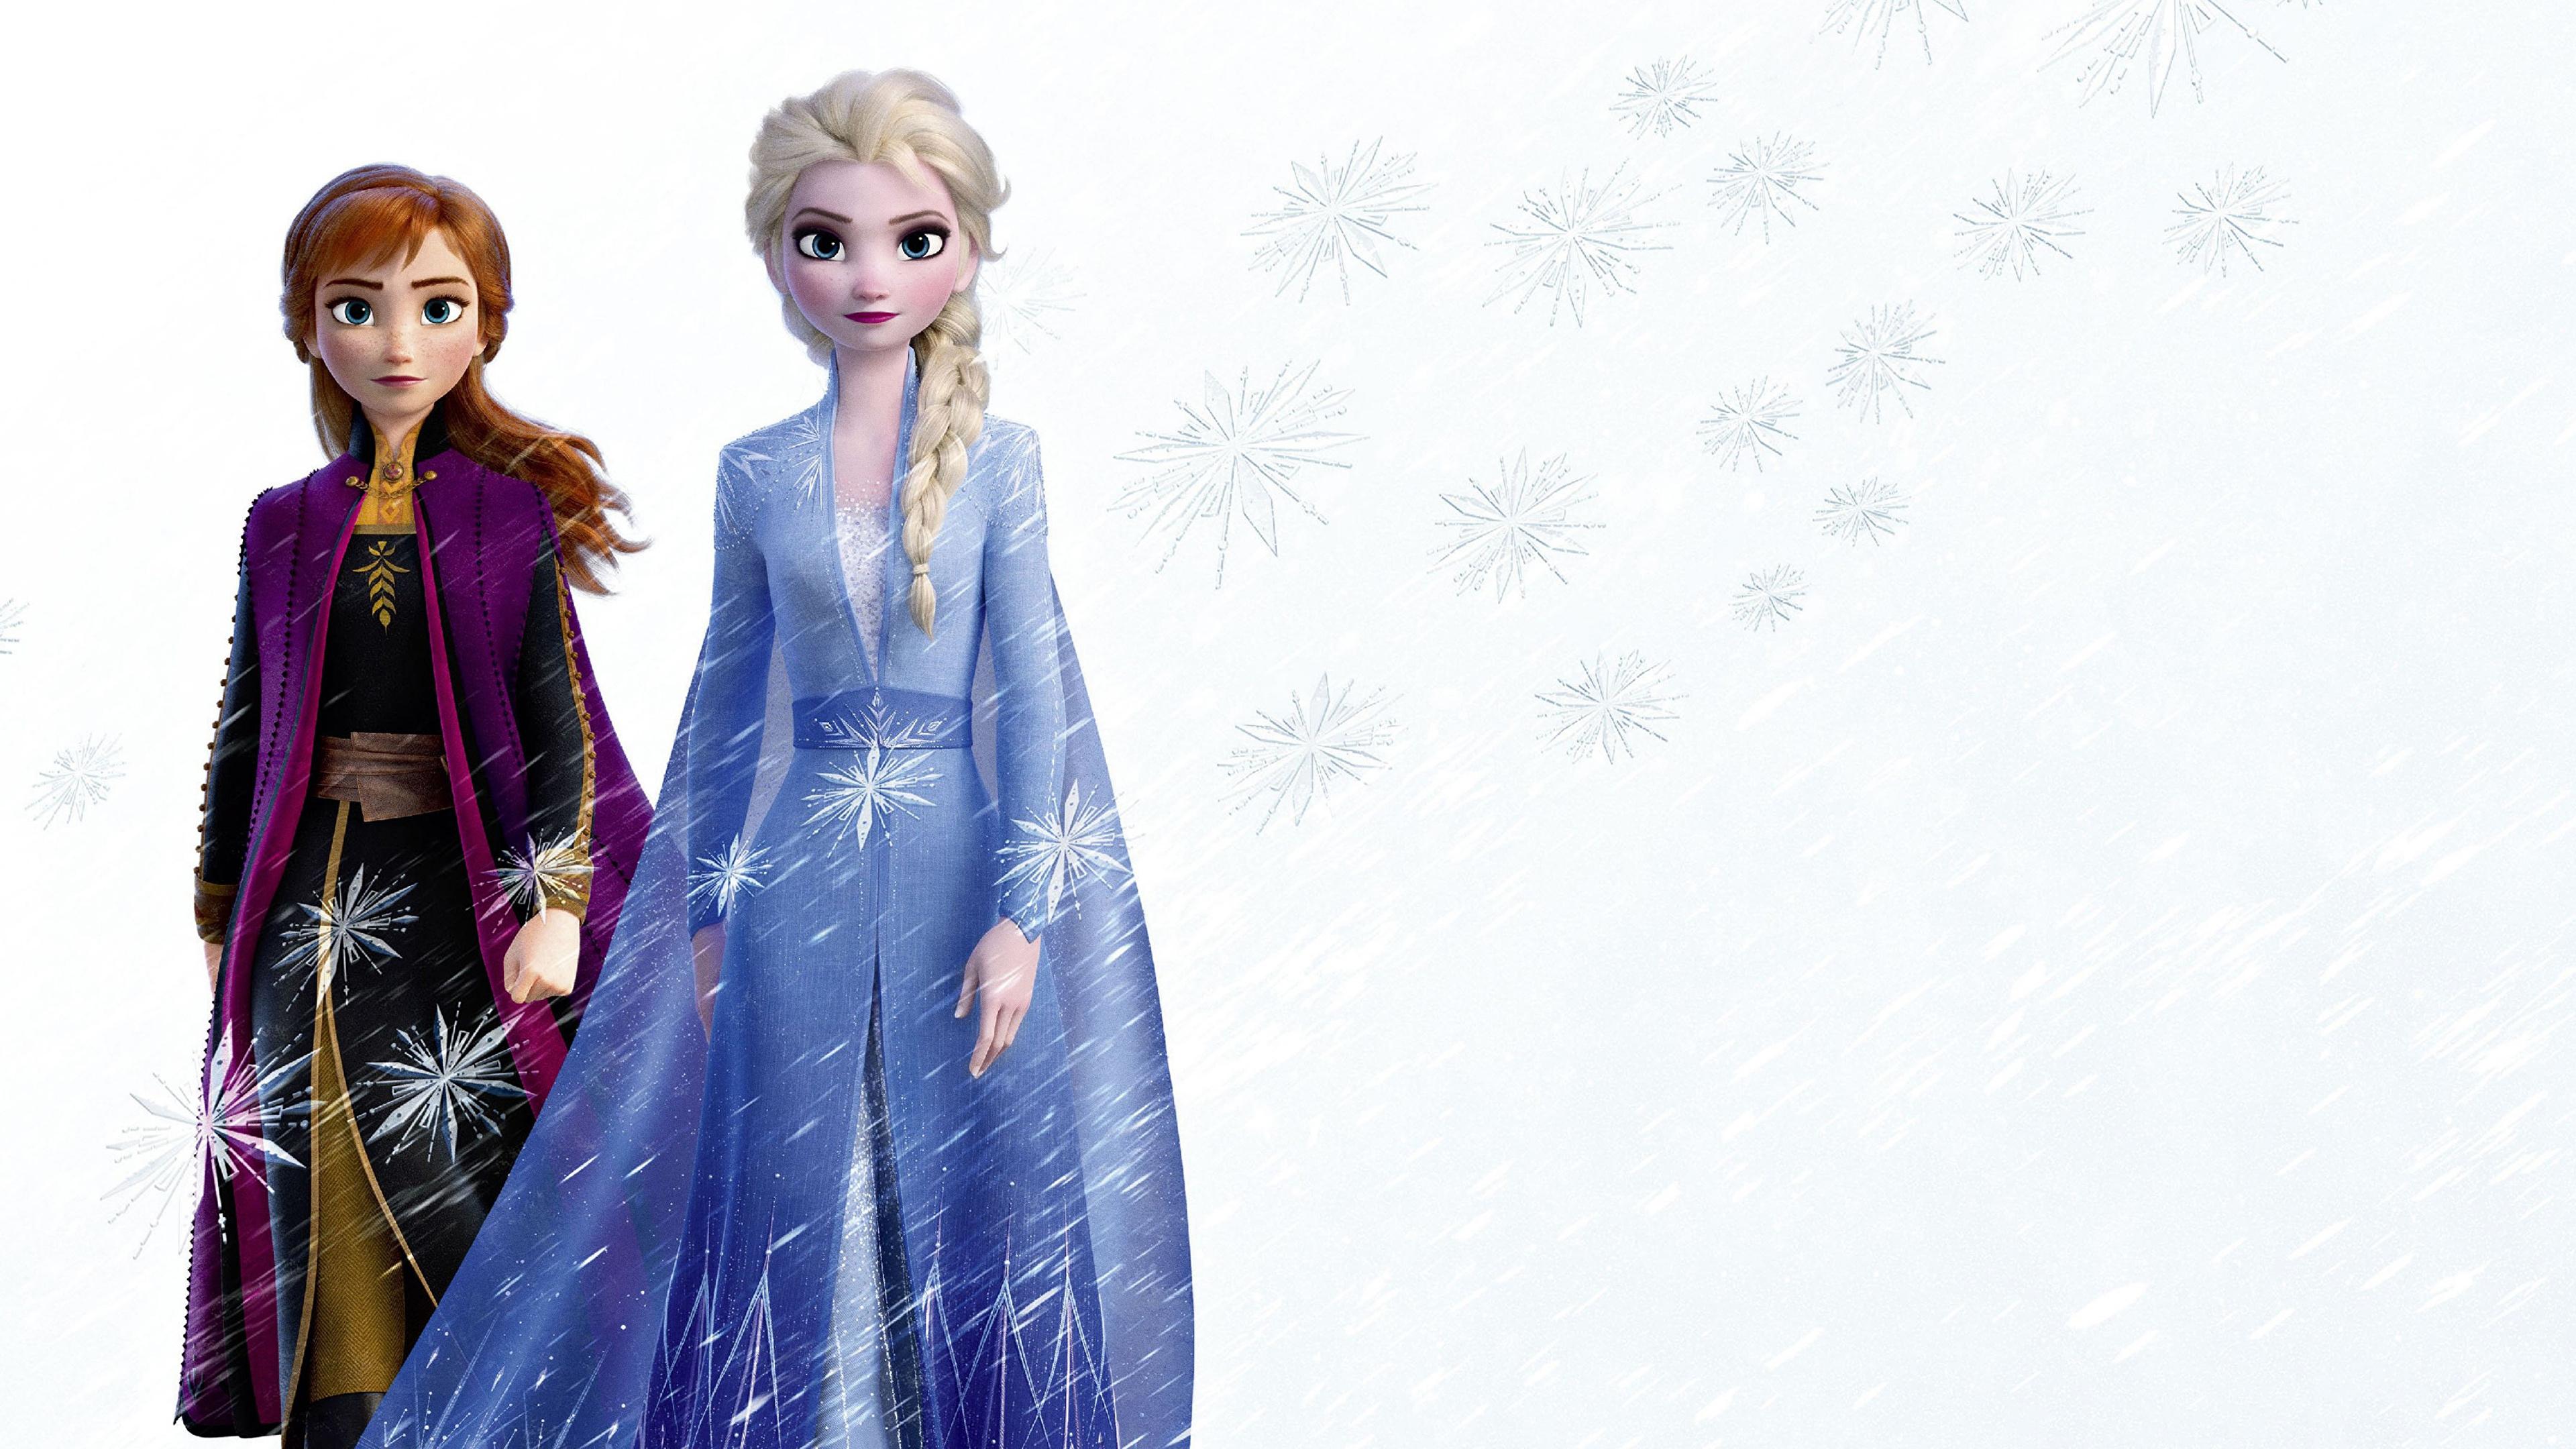 Картинка Дисней Холодное сердце косы Anna, Elsa 3д Мультики молодые женщины 3840x2160 Disney Коса косички мультик девушка Девушки 3D Графика Мультфильмы молодая женщина